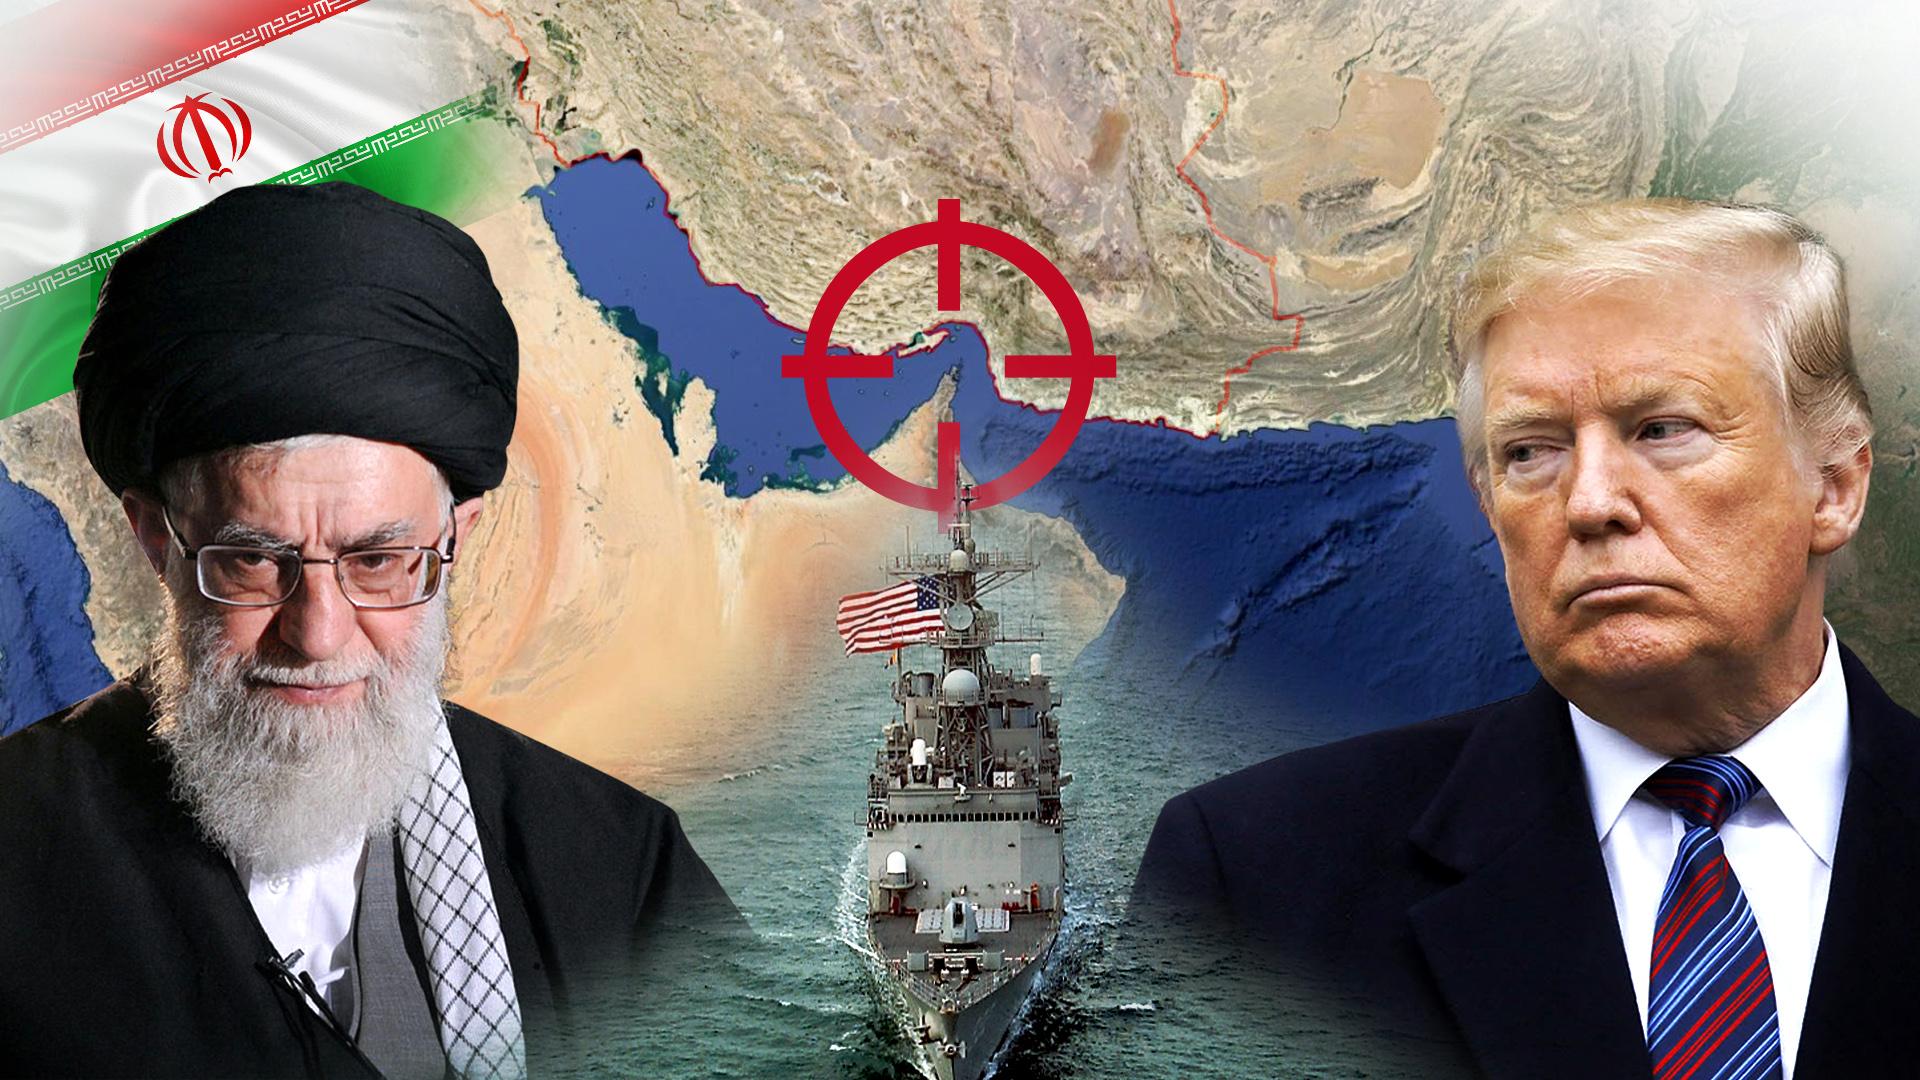 ANÁLISIS POLÍTICO: Rumores de guerra: respuesta a la represión iraní en el Golfo